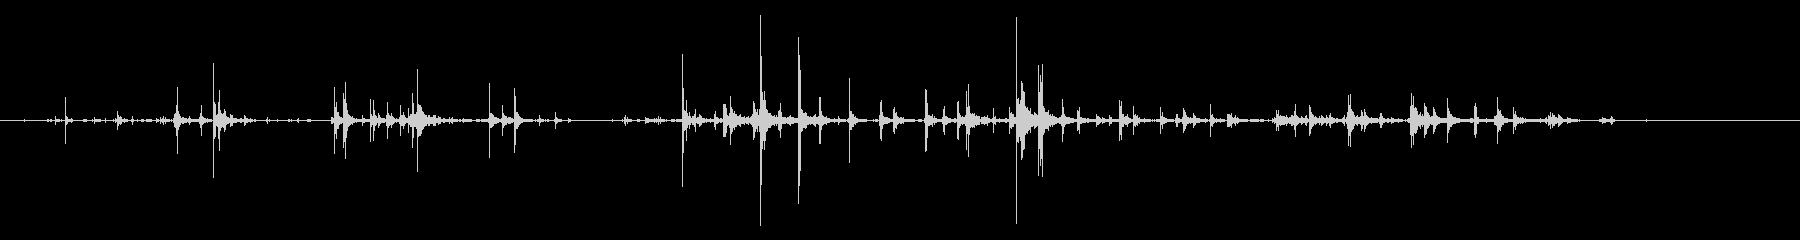 パネルタイプ2ストレスの未再生の波形